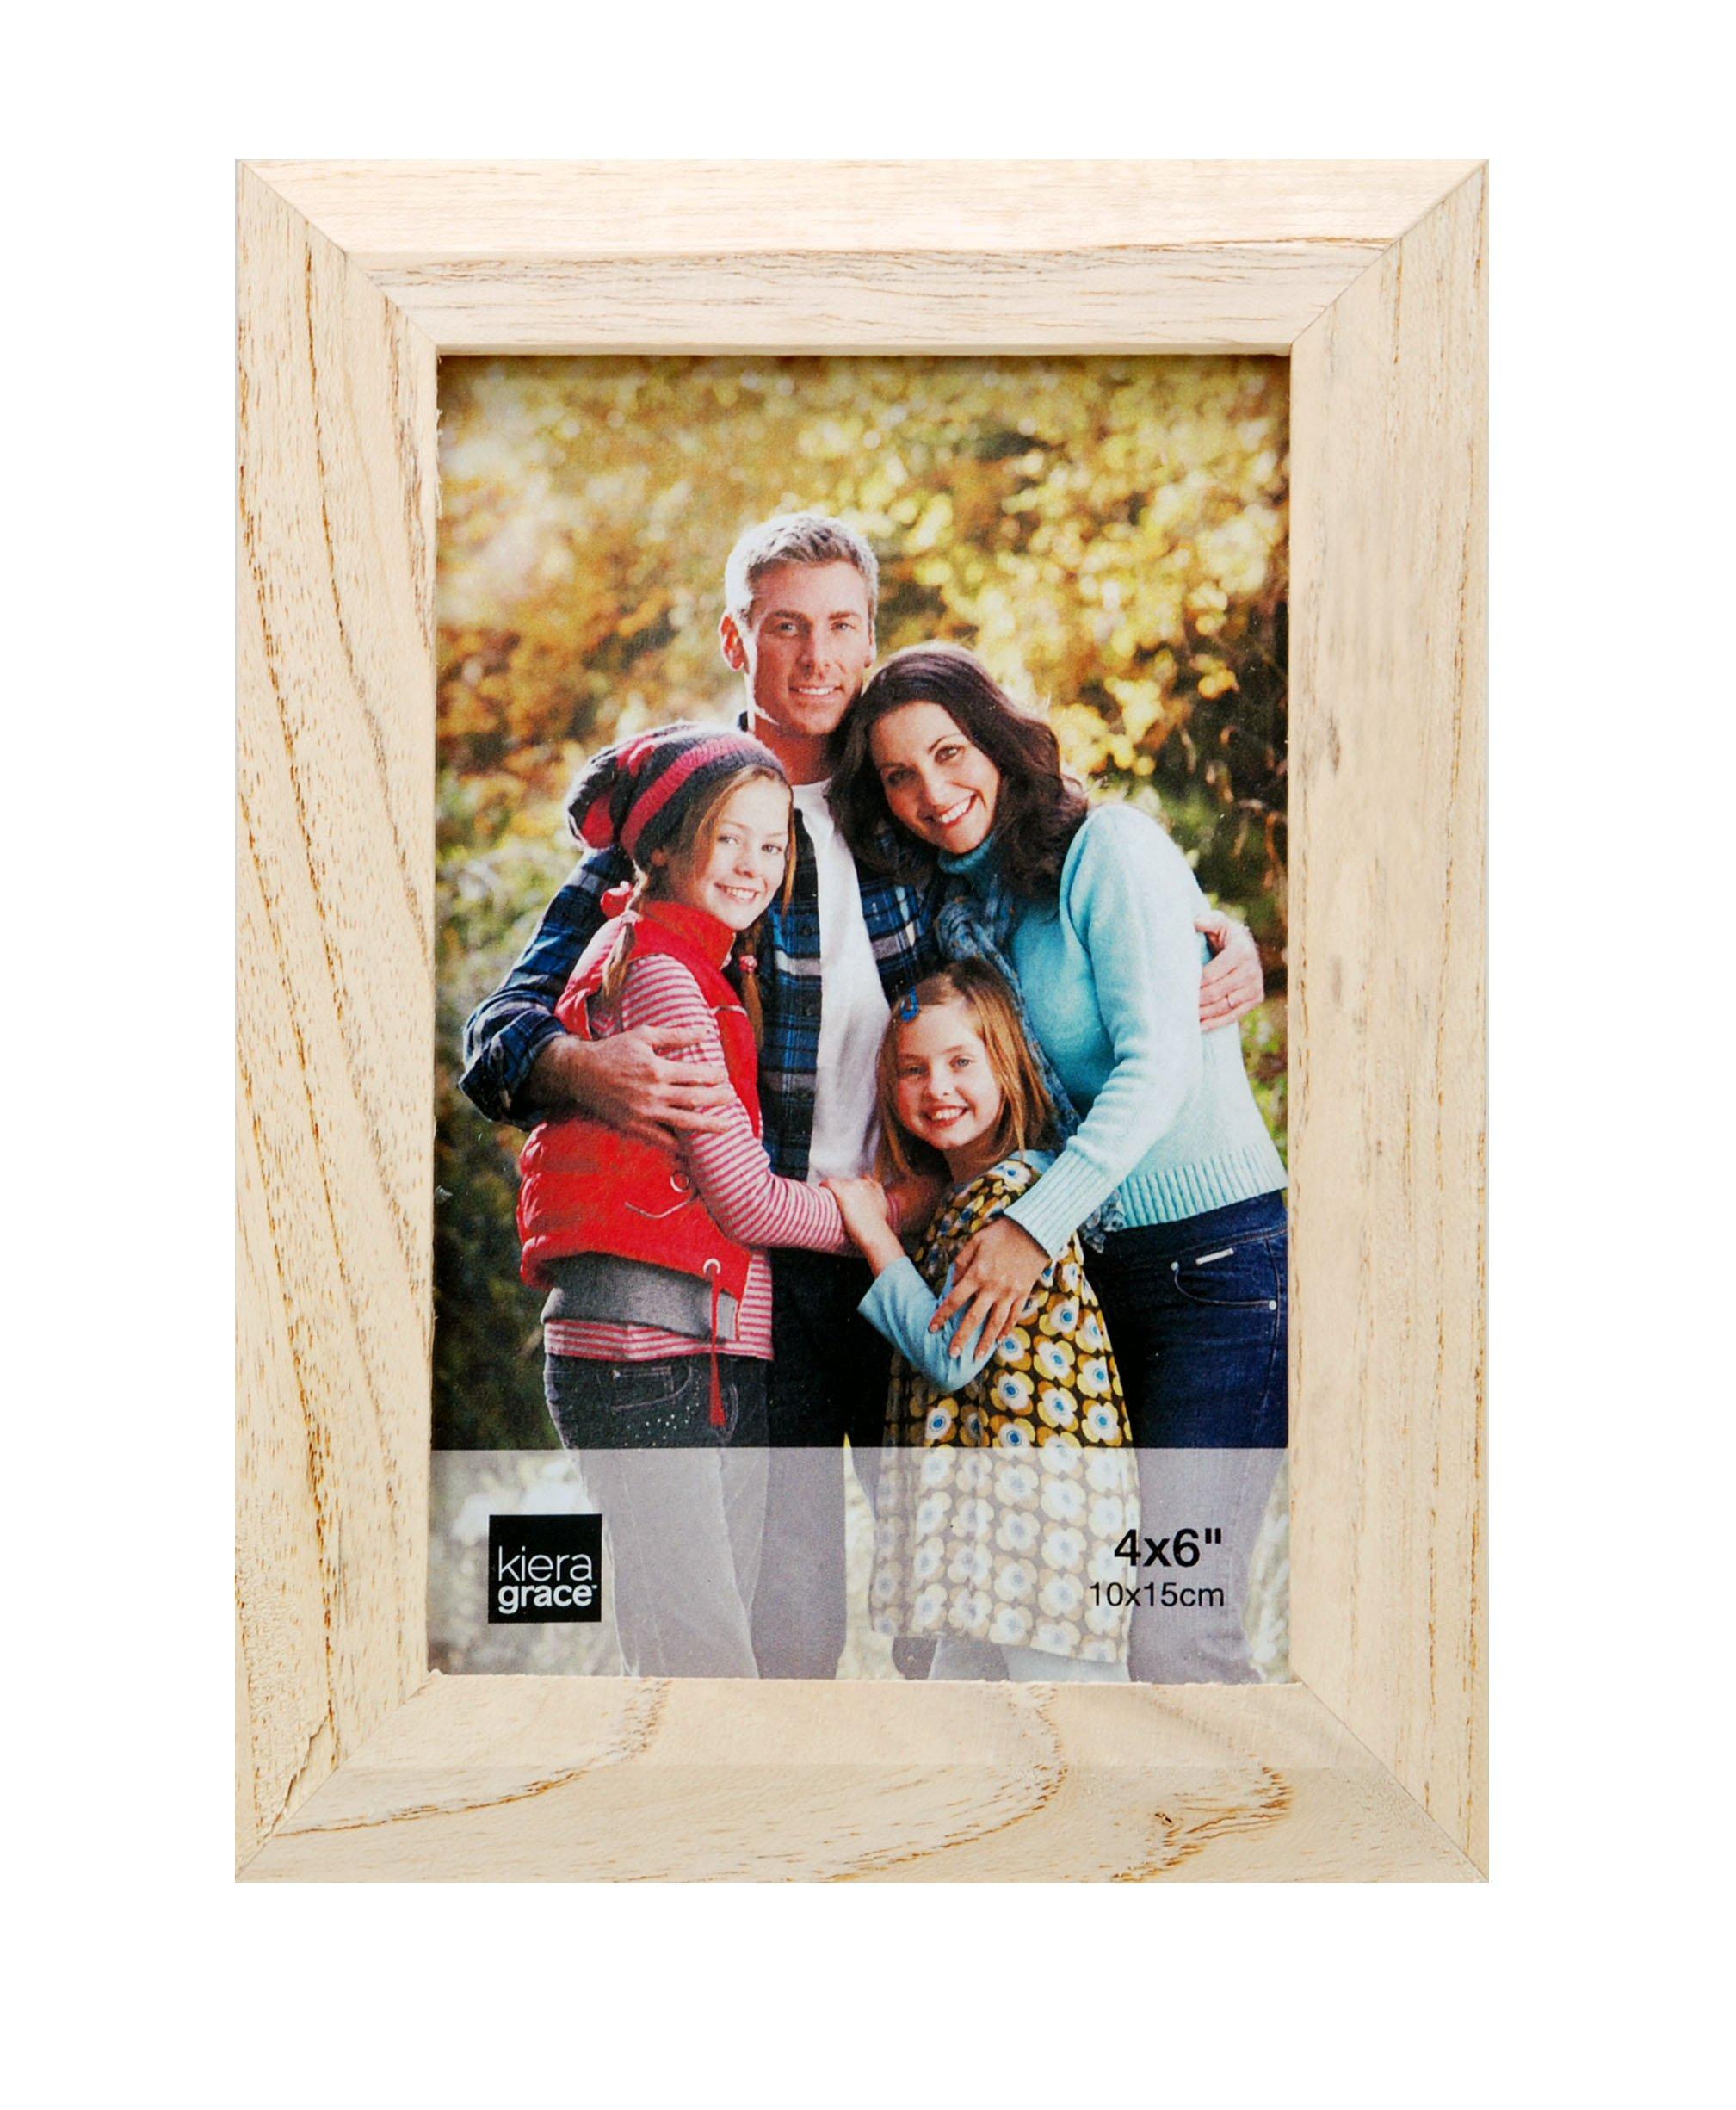 Kiera Grace Turner Wood Grain Picture Frame, 4  by  6 Inch, Oak